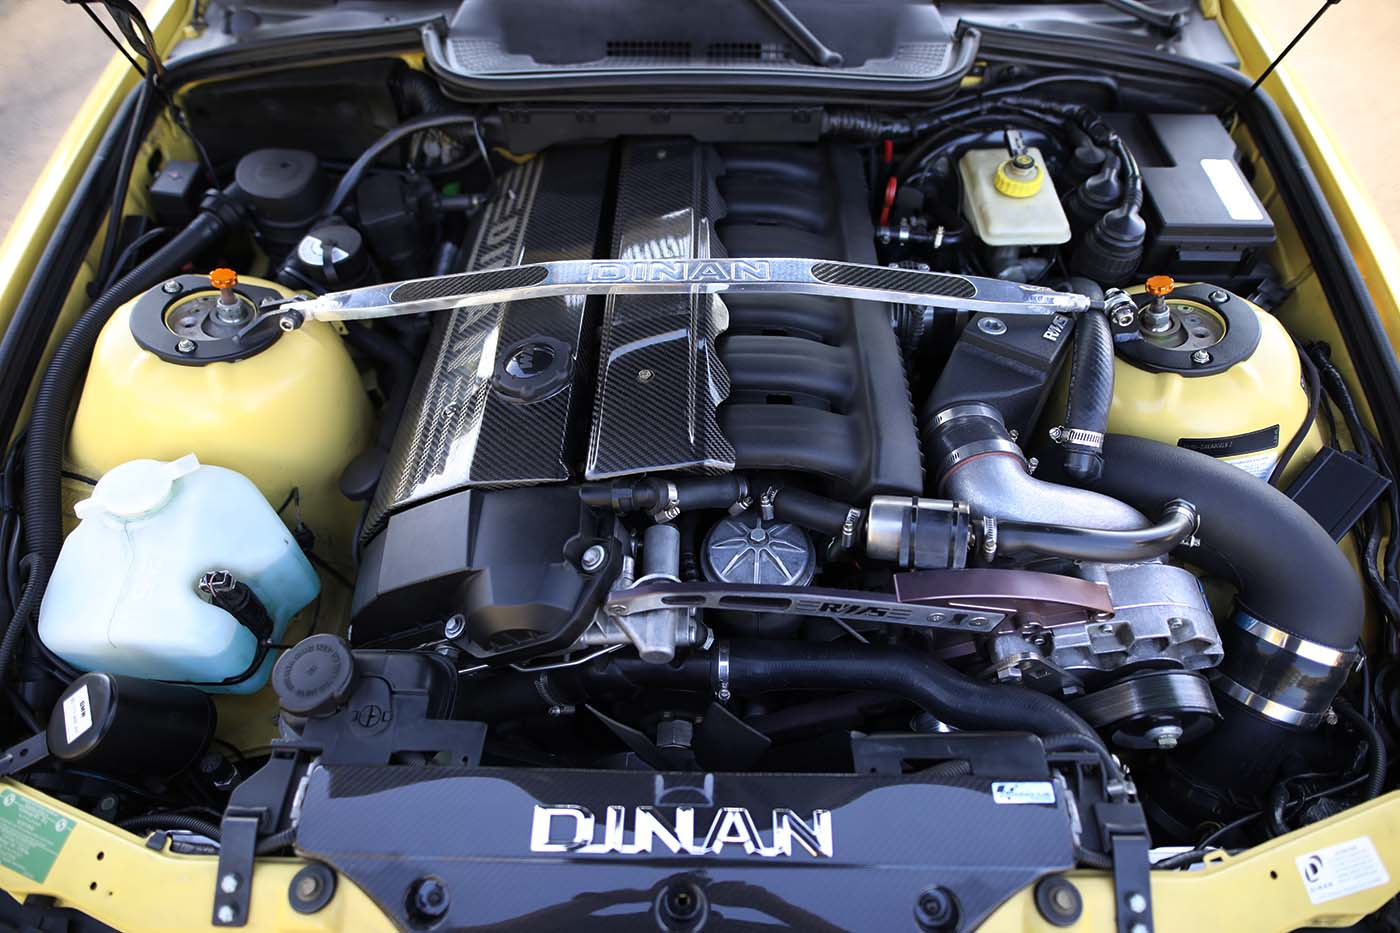 Dinani S52 supercharger RMS bracket